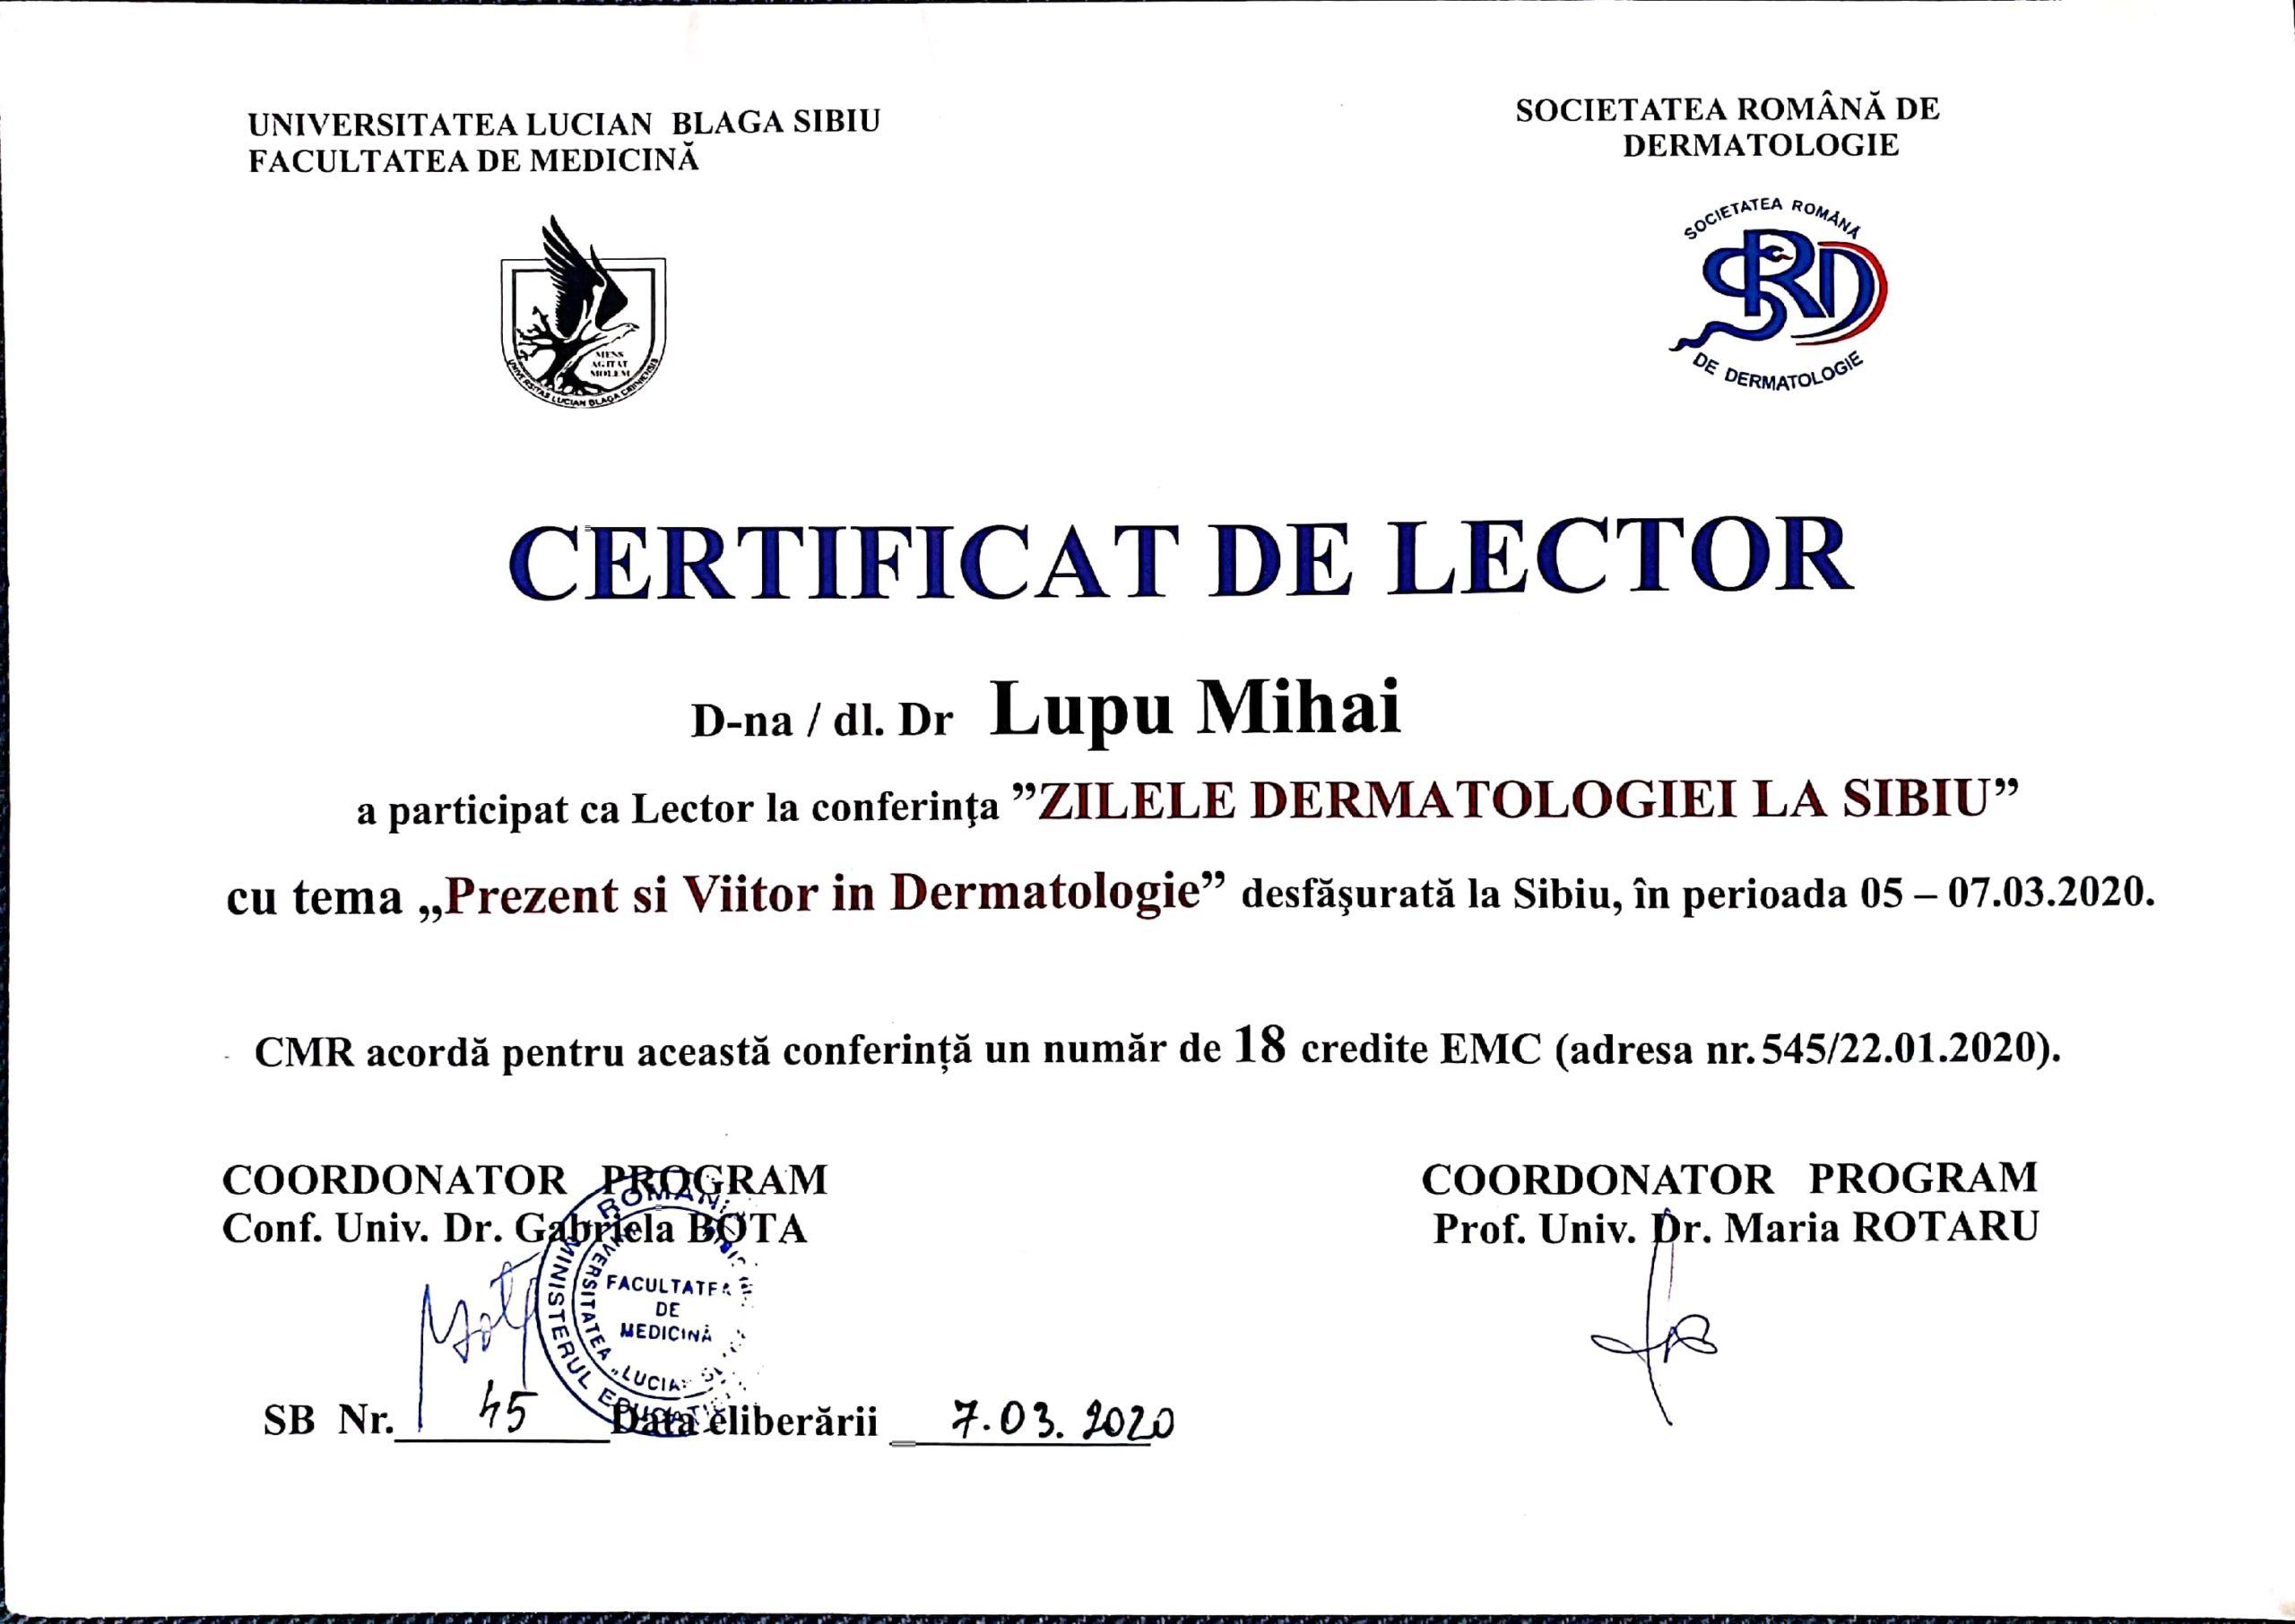 conferinta de dermatologie la sibiu